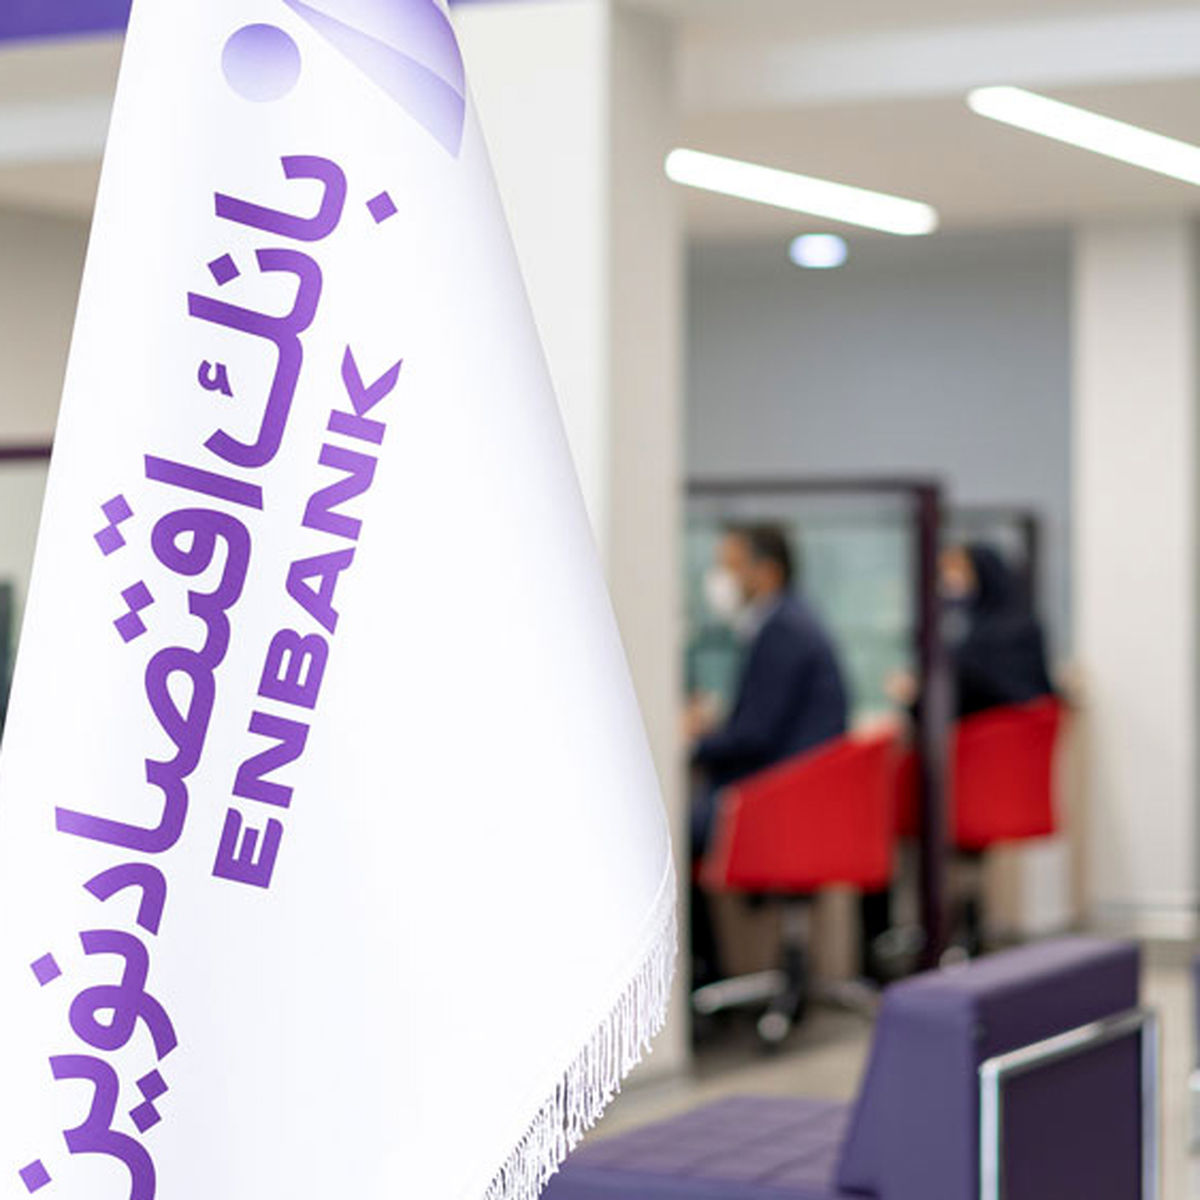 اعلام شعب کشیک بانک اقتصادنوین در استان های تهران و البرز